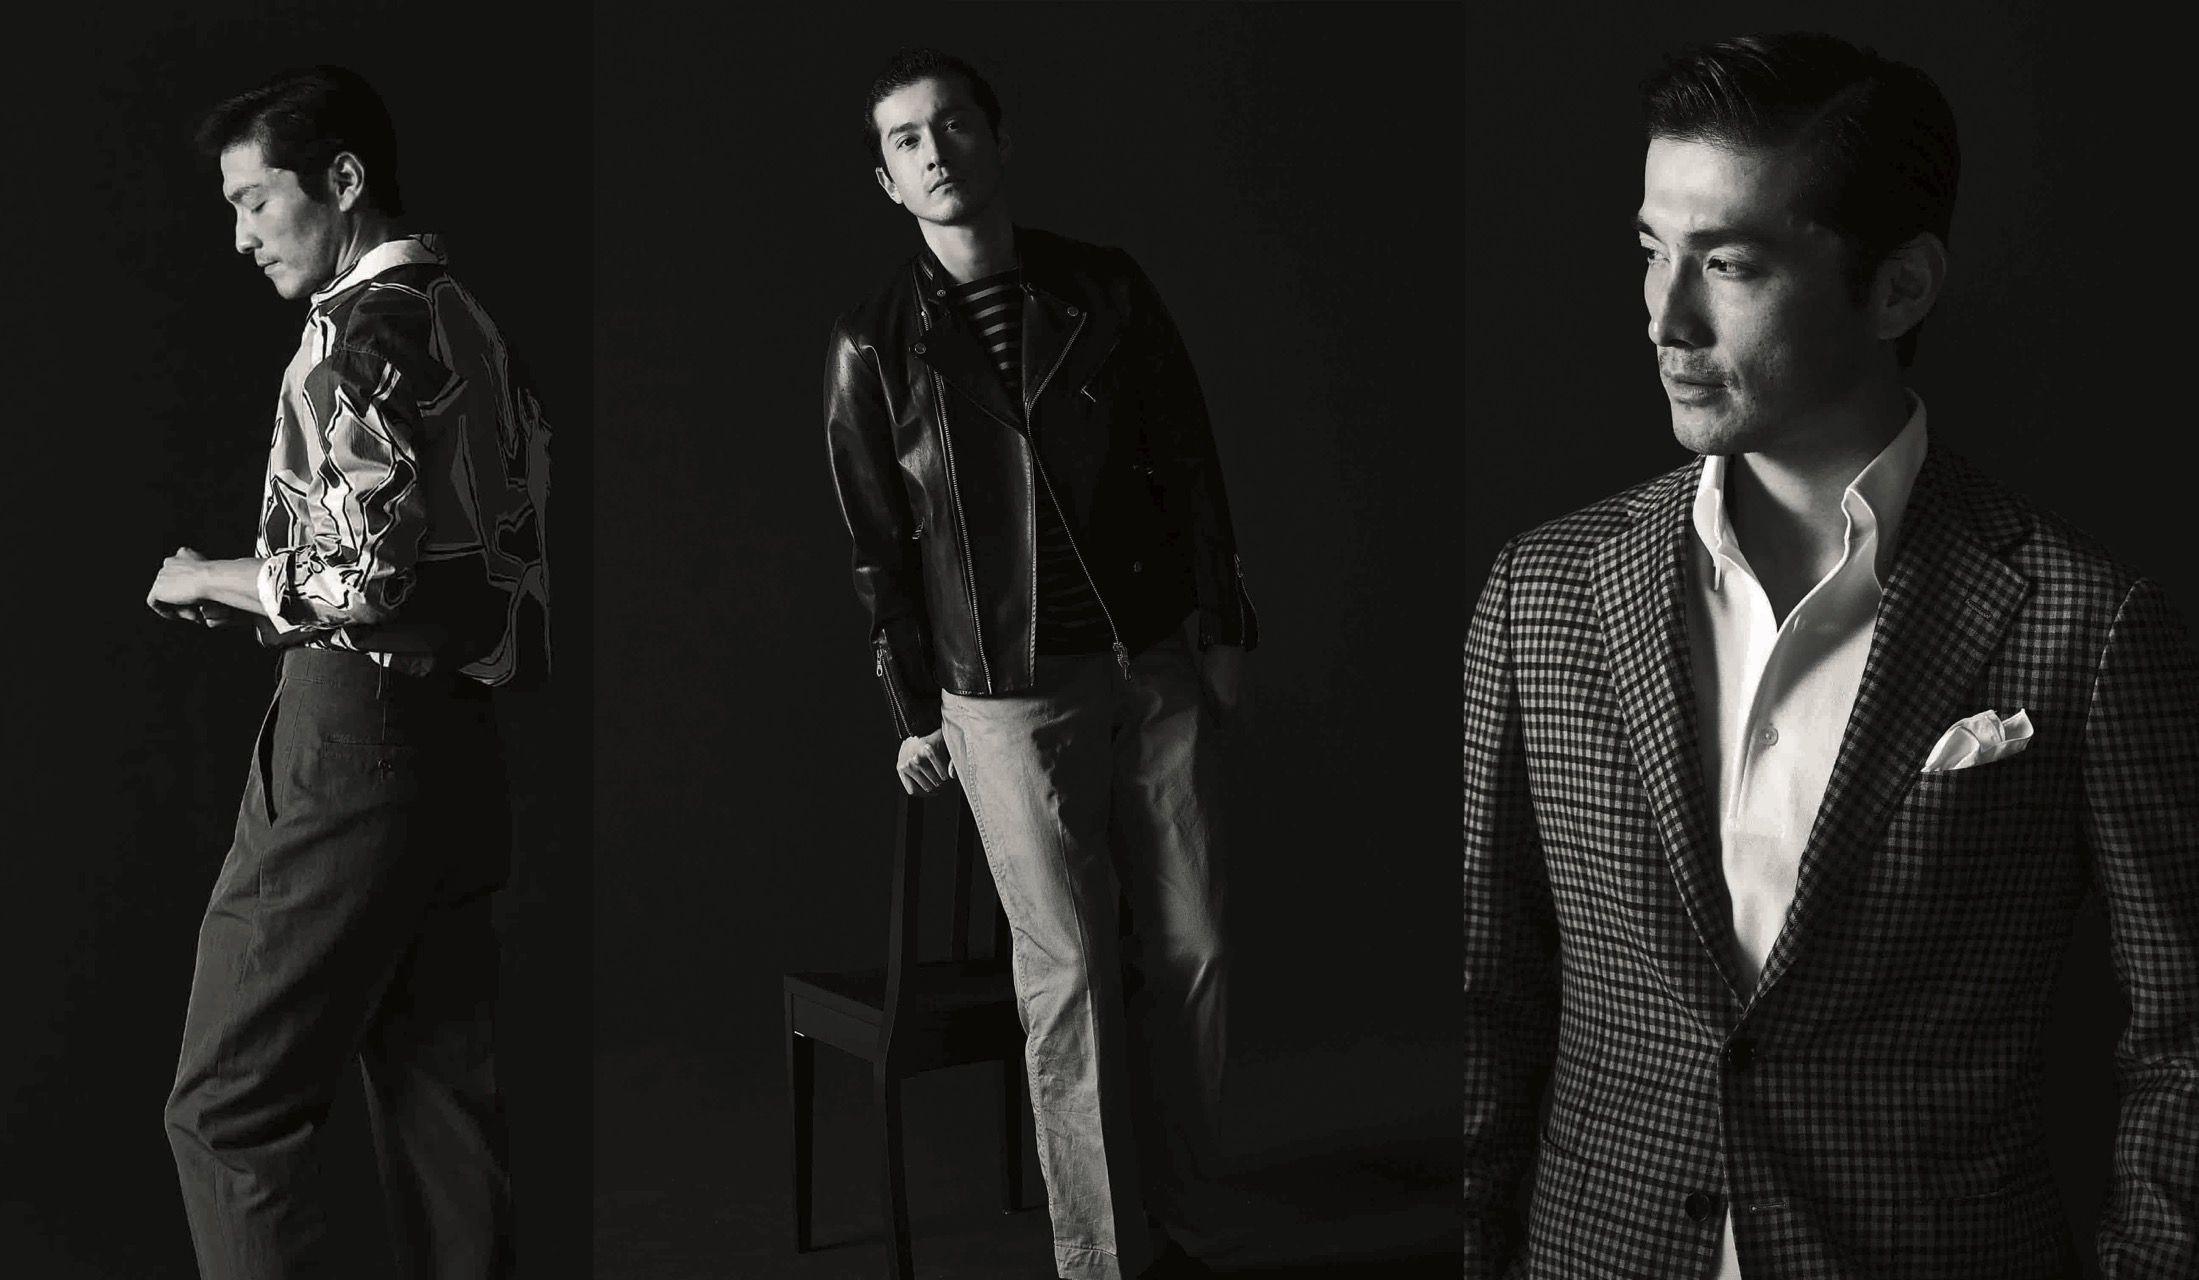 紳士たちのファッションスタイル